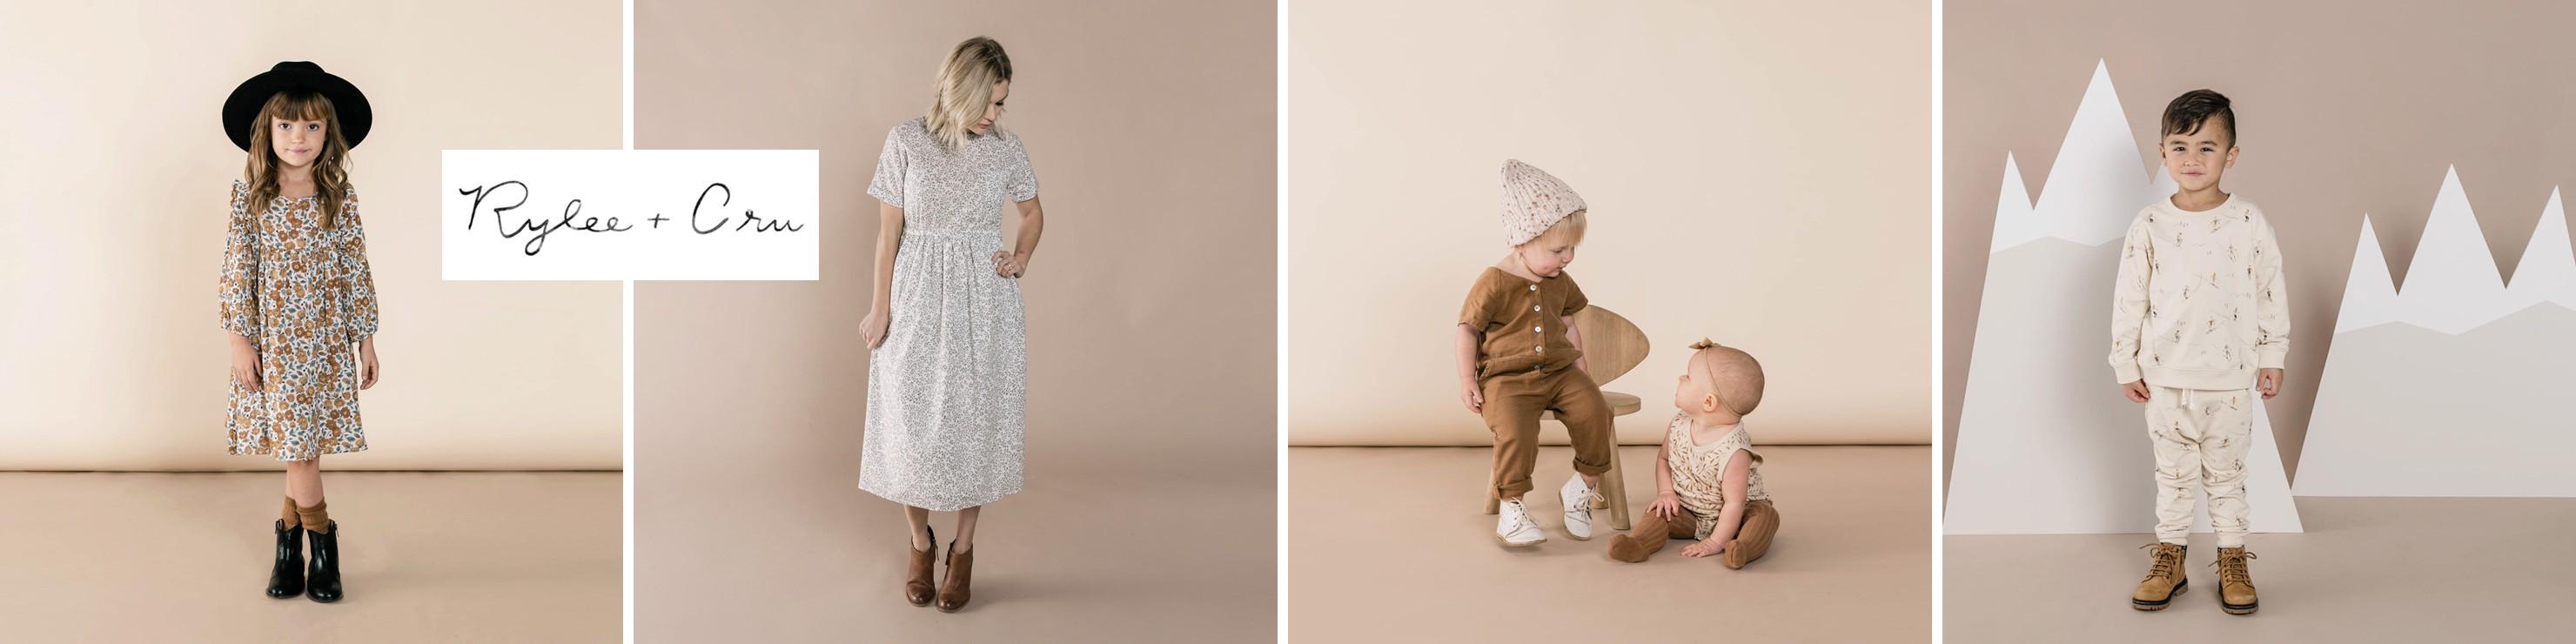 Collection Snowbird de Rylee & Cru, vêtements certifiés Oeko-Tex